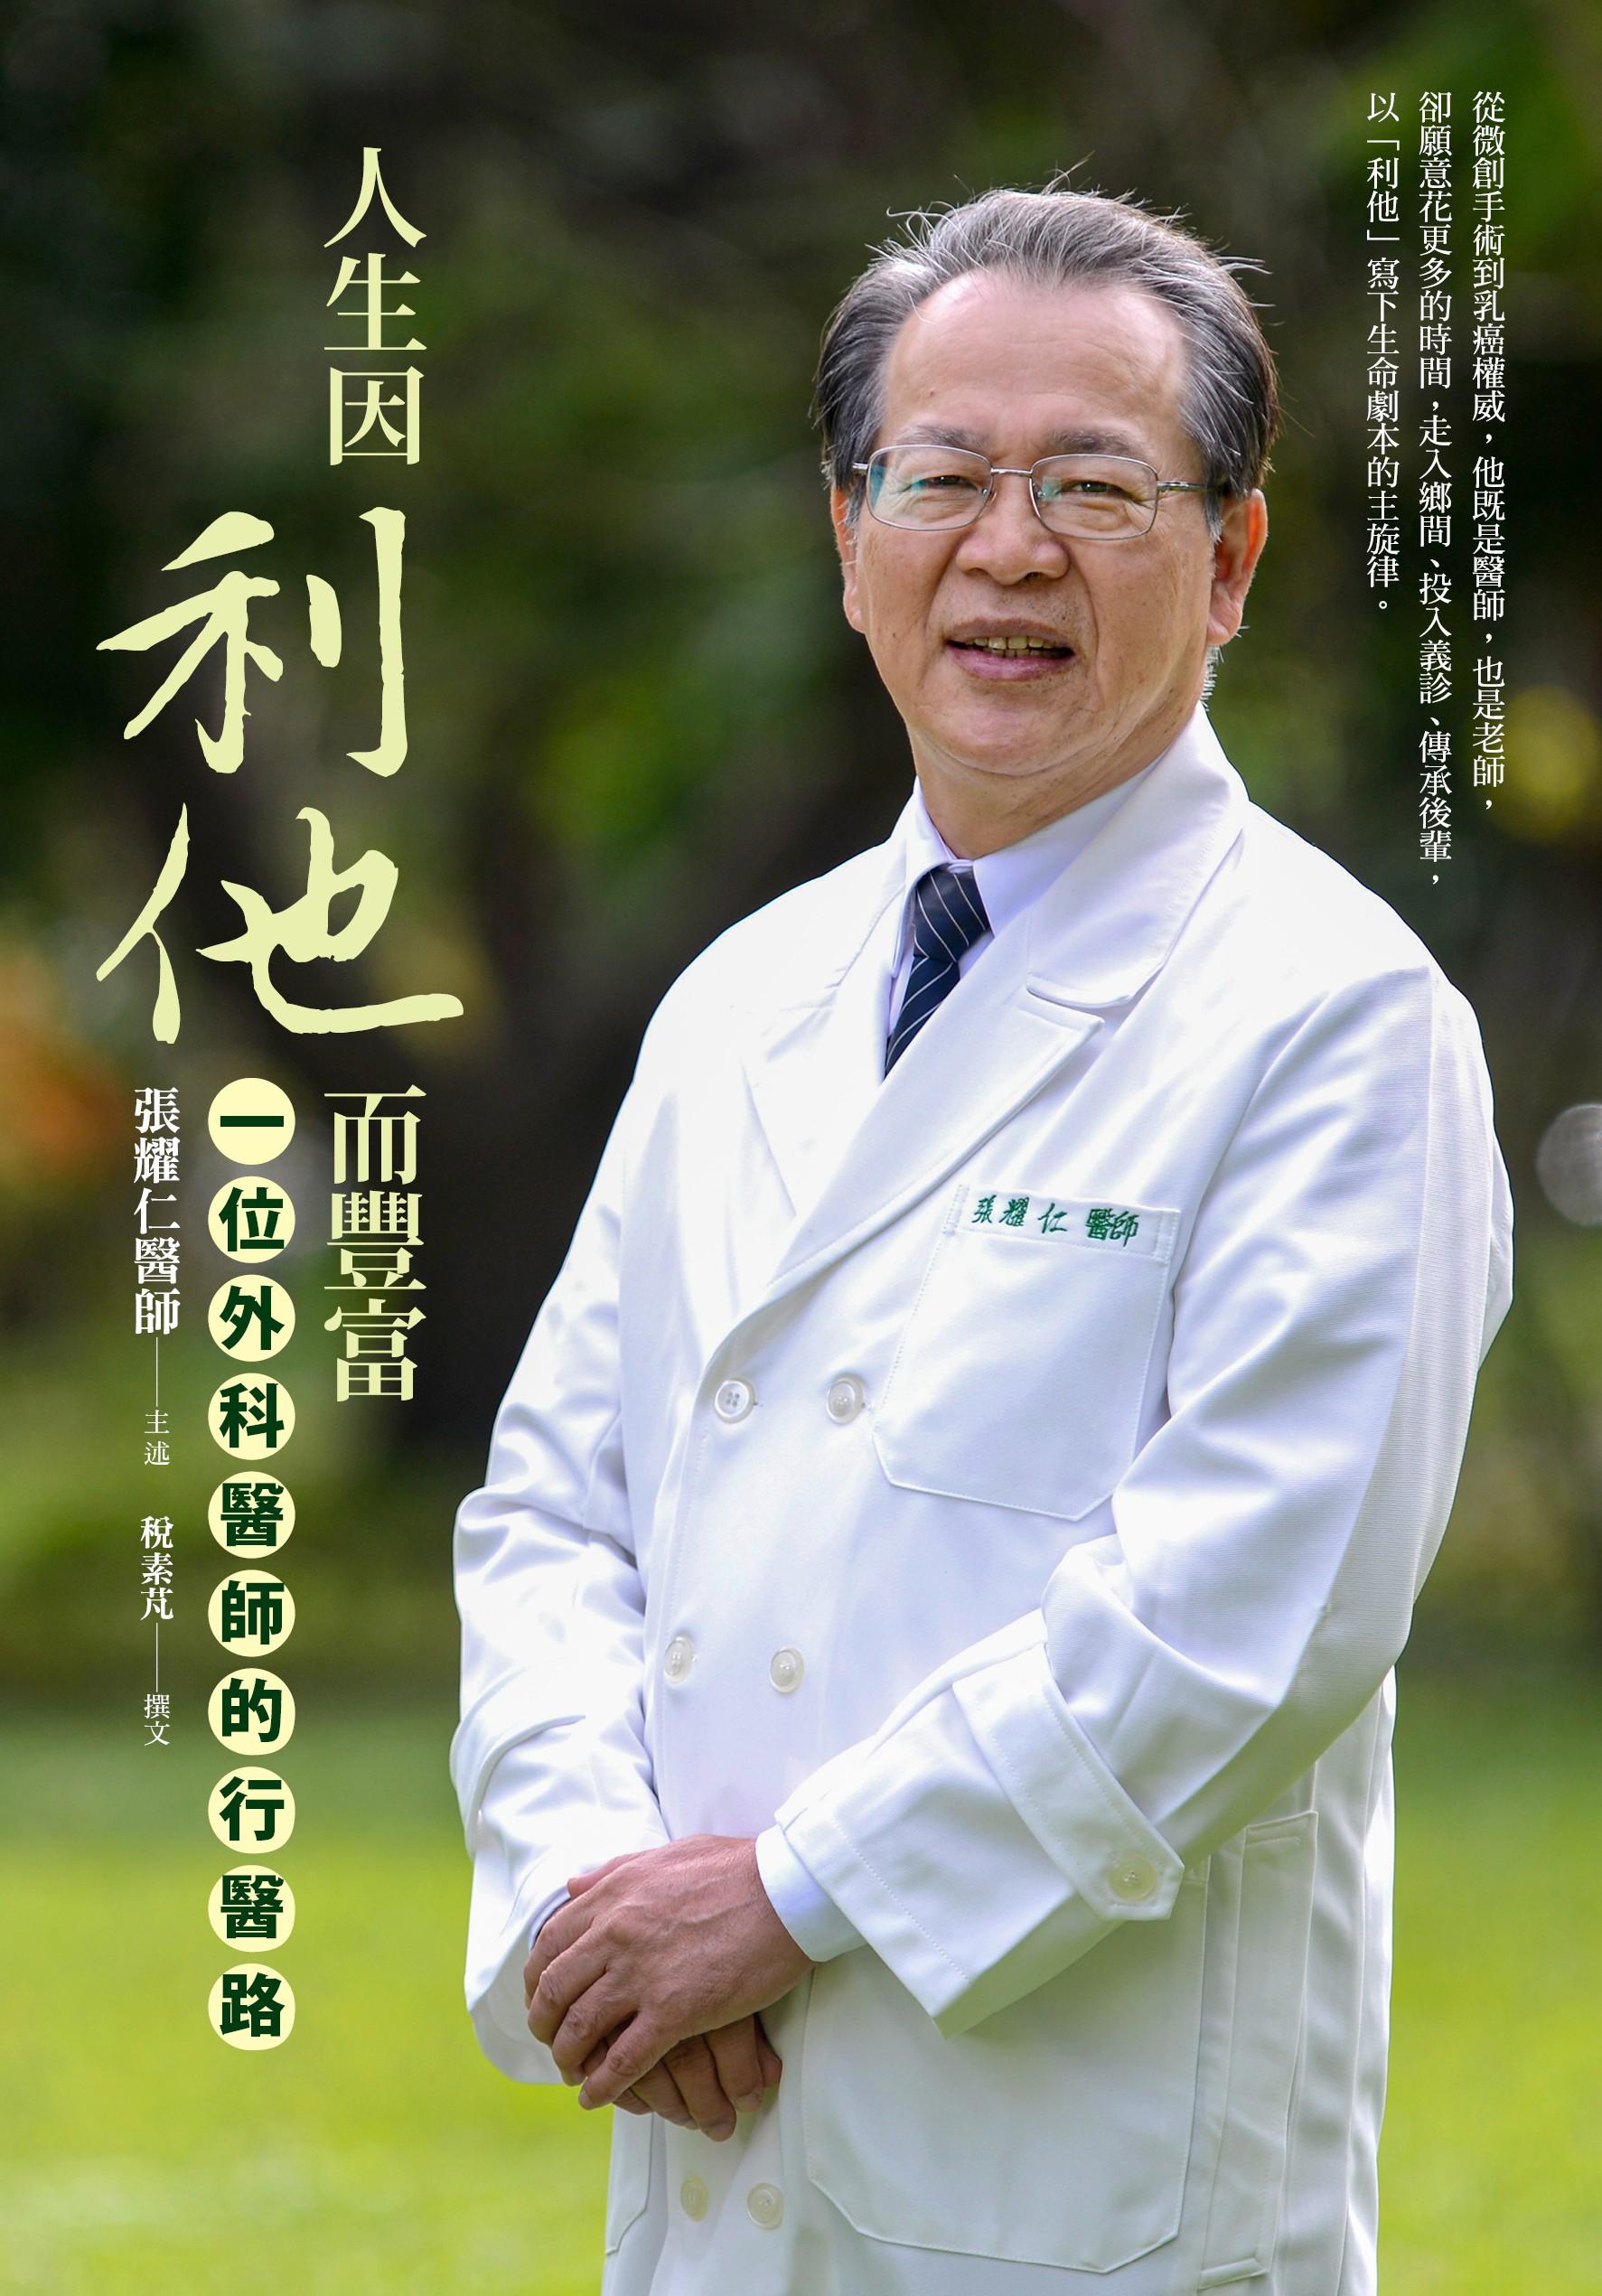 人生因利他而豐富 :  一位外科醫師的行醫路